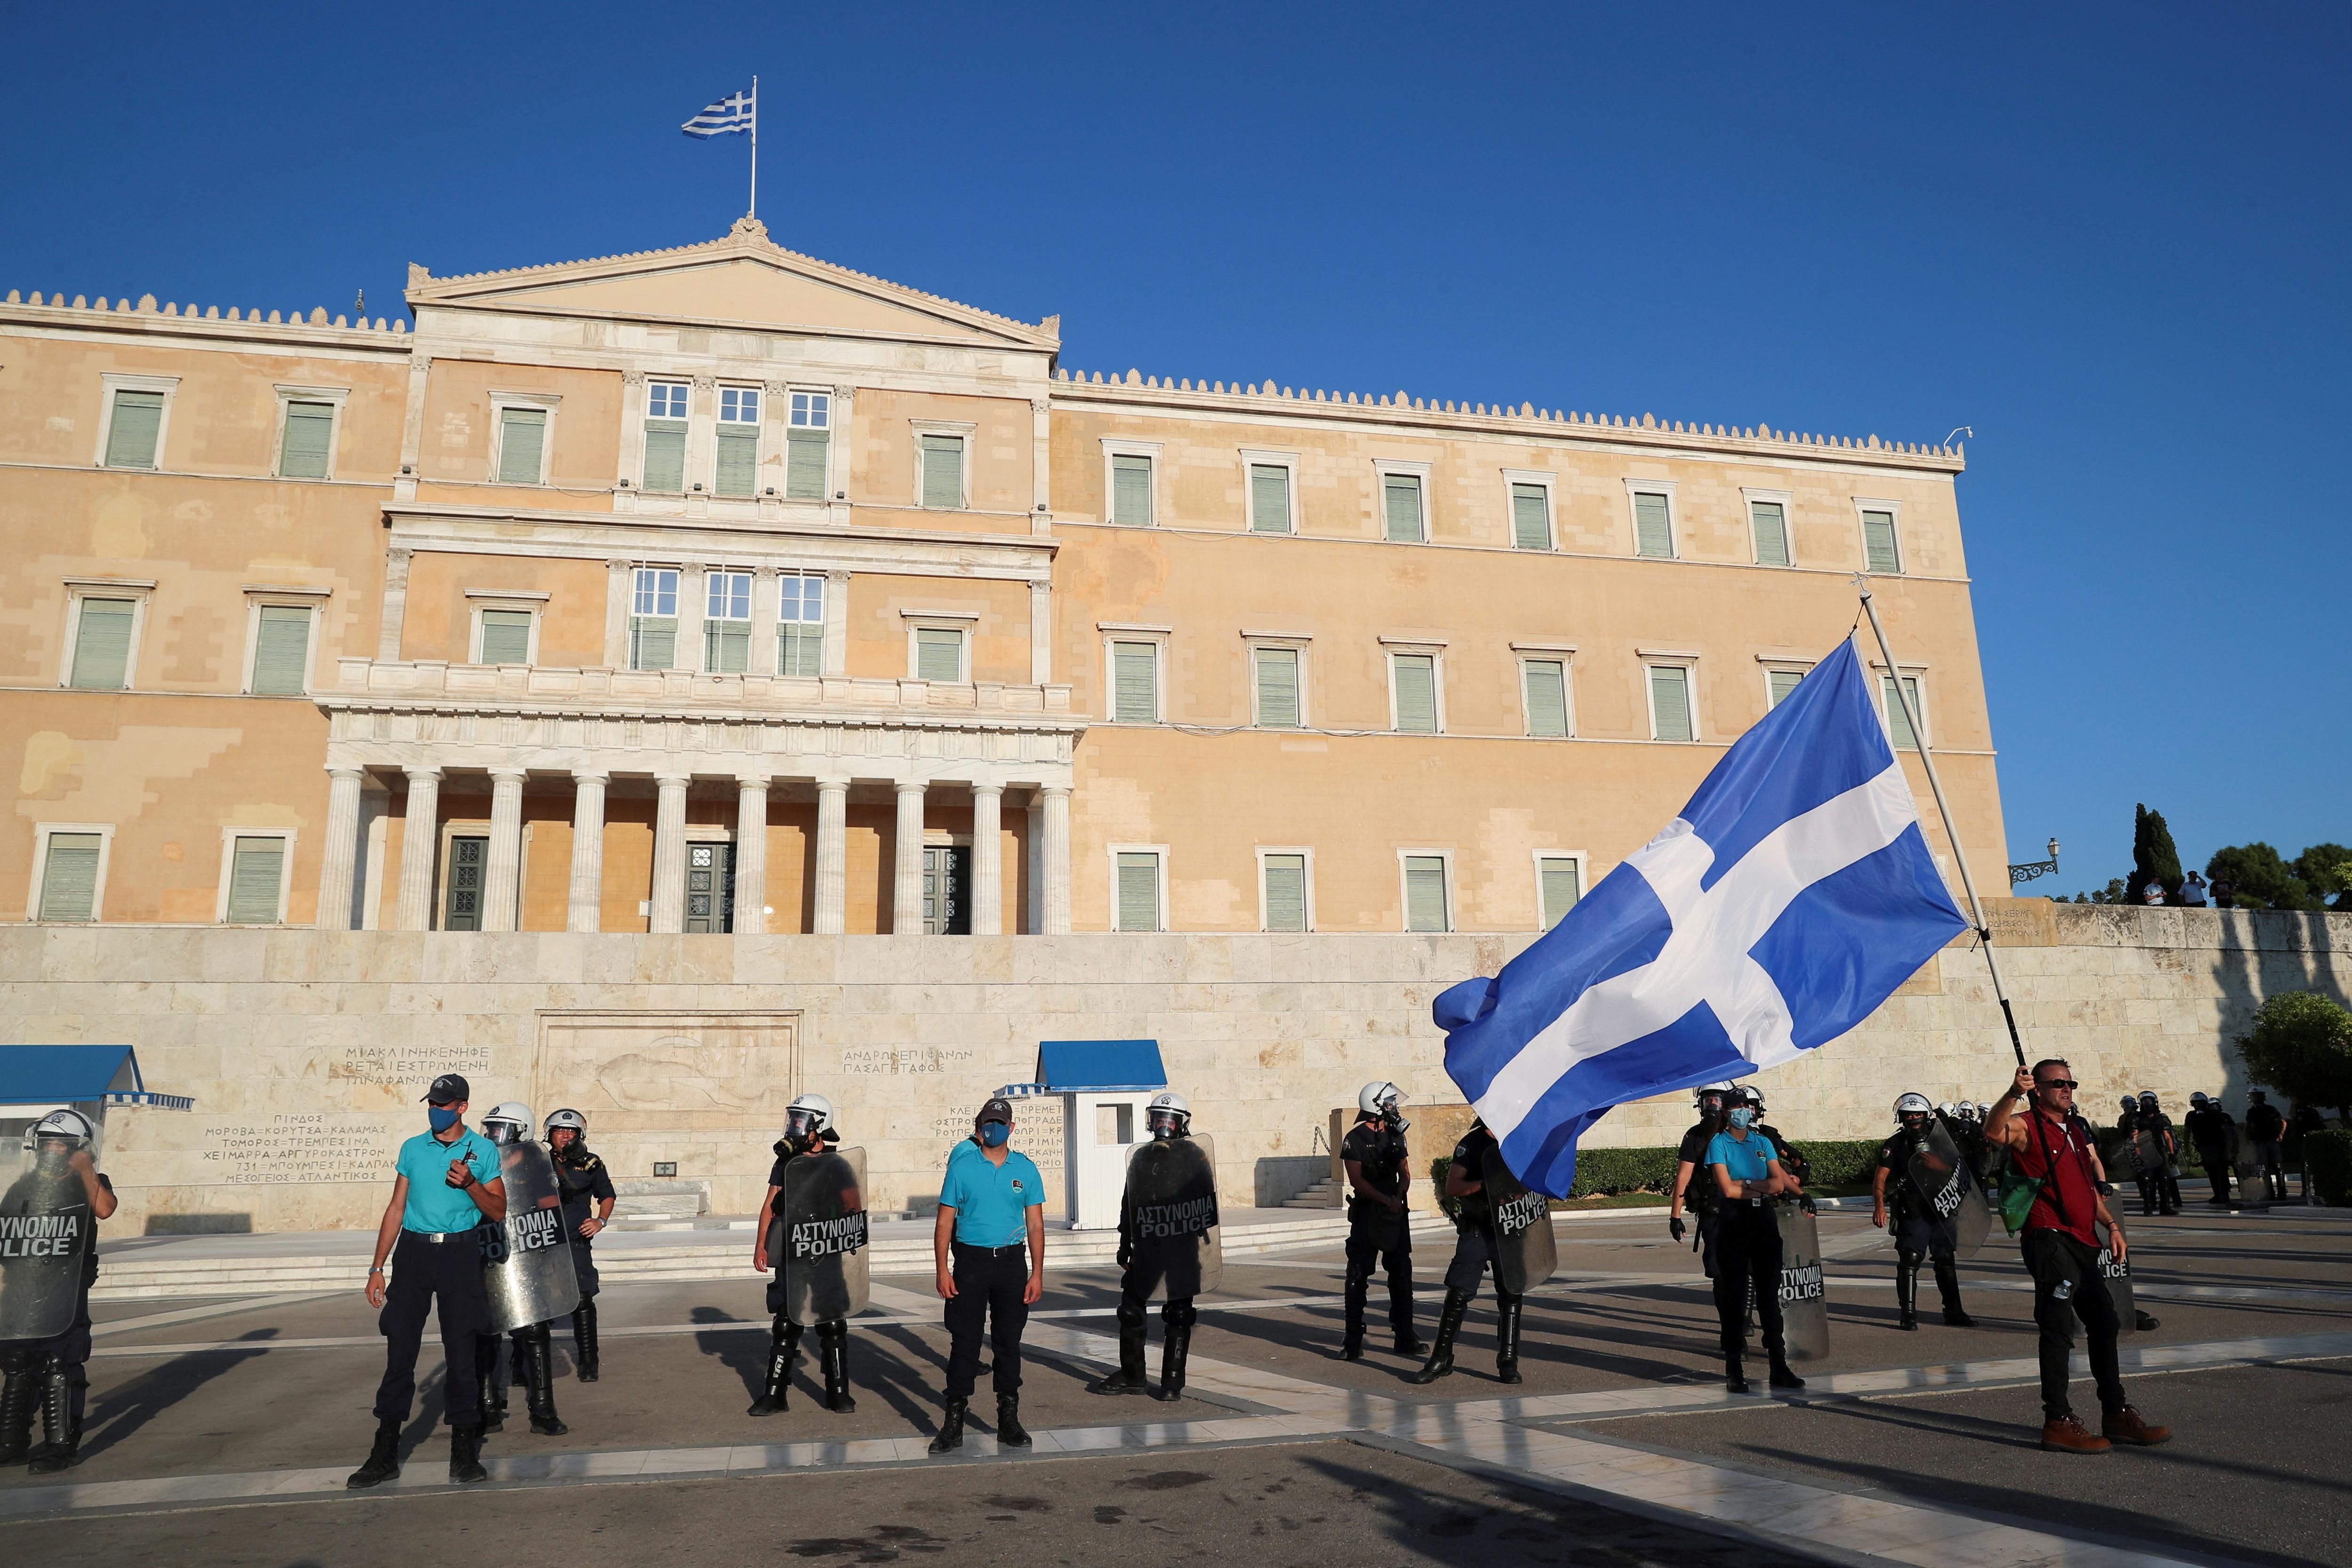 Un home té una bandera grega durant una protesta contra les vacunes contra la malaltia del coronavirus (COVID-19) fora de l'edifici del parlament, a Atenes, Grècia, el 29 d'agost de 2021. REUTERS / Costas Baltas